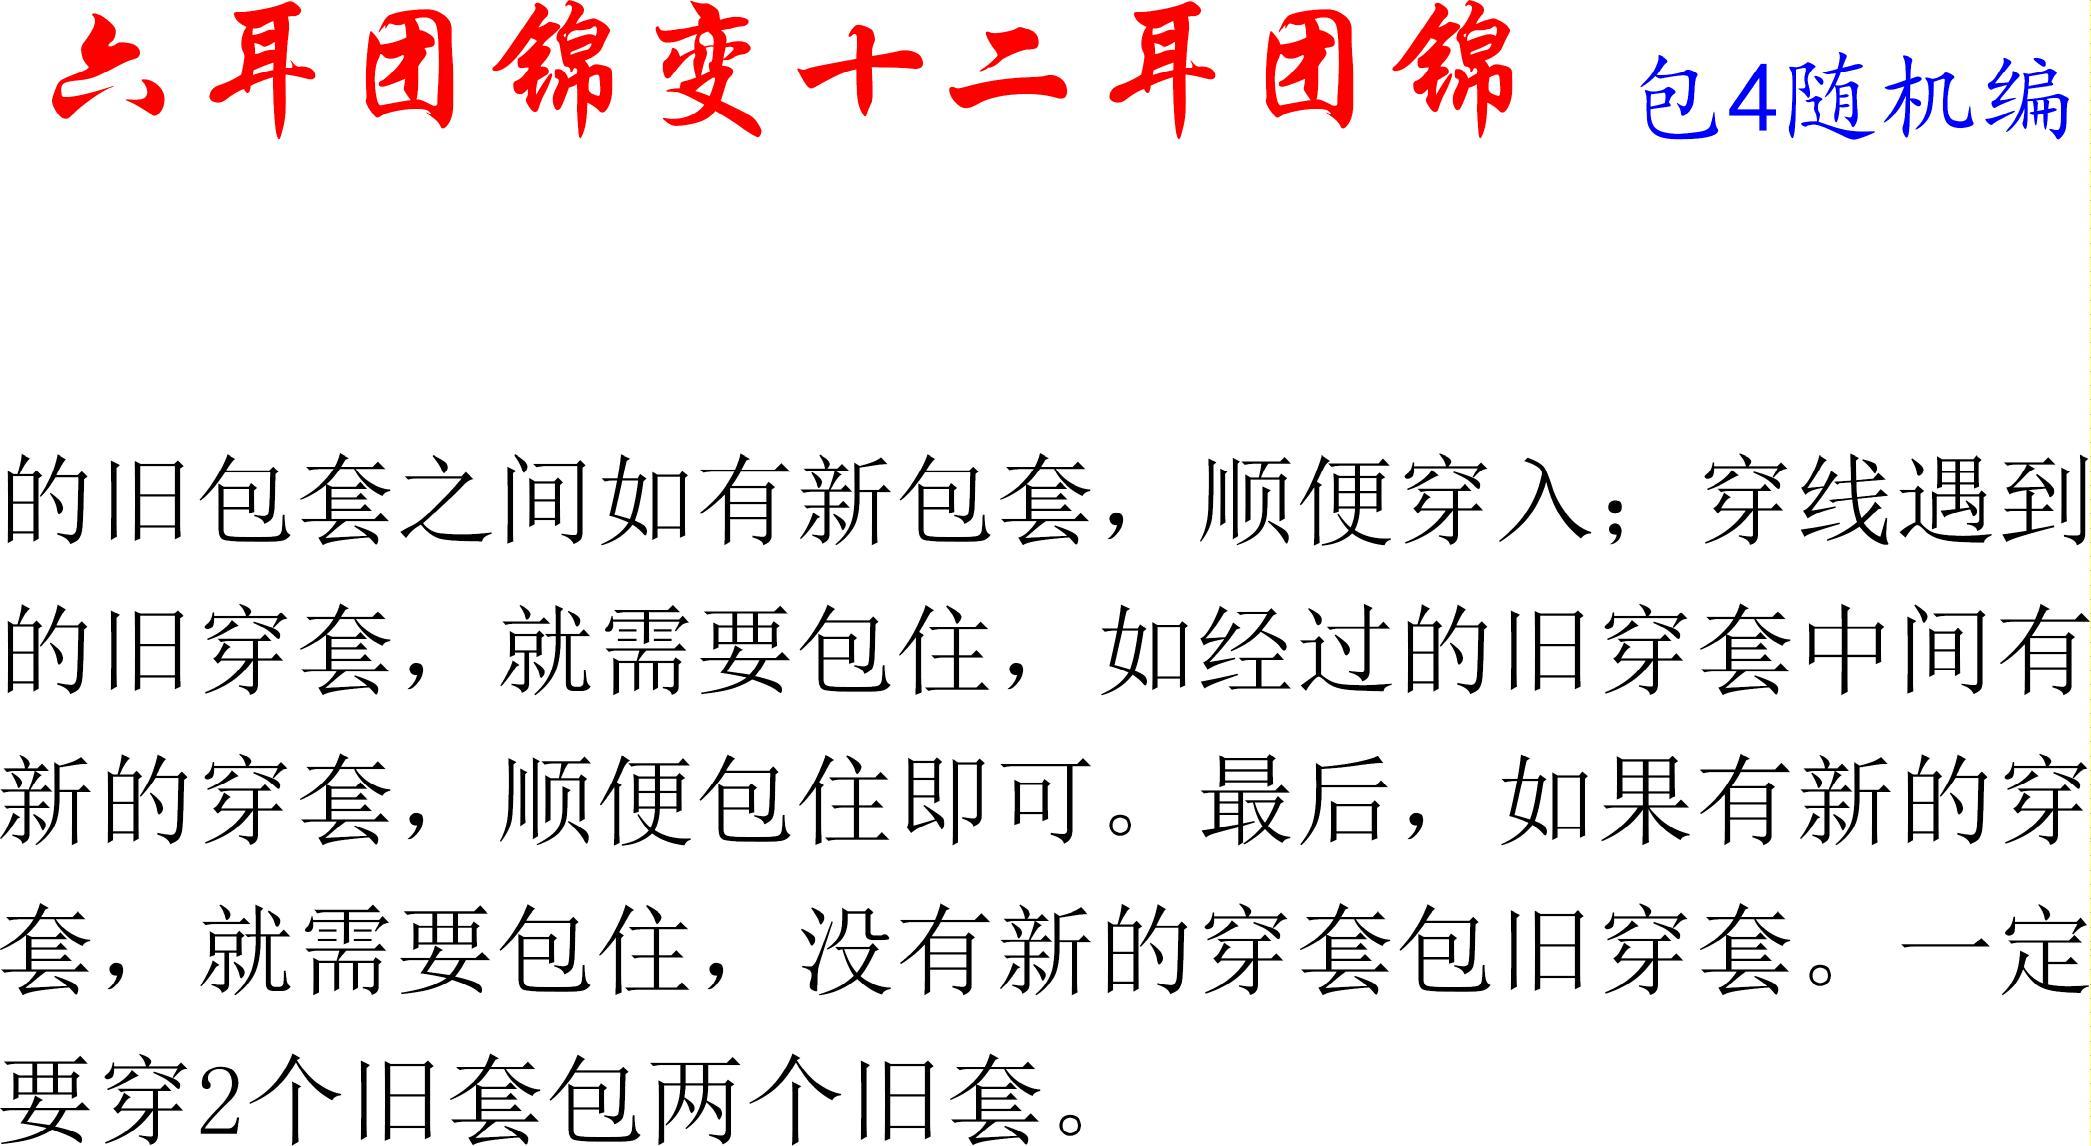 中国结论坛 六耳团锦变十二耳团锦 中国结编法教程 步骤,实心团锦结,地煞七十二变,十二星座女几岁变漂亮,实心团锦结的编法图解 丑丑徒手编结 202230exnfv966bfefir9t